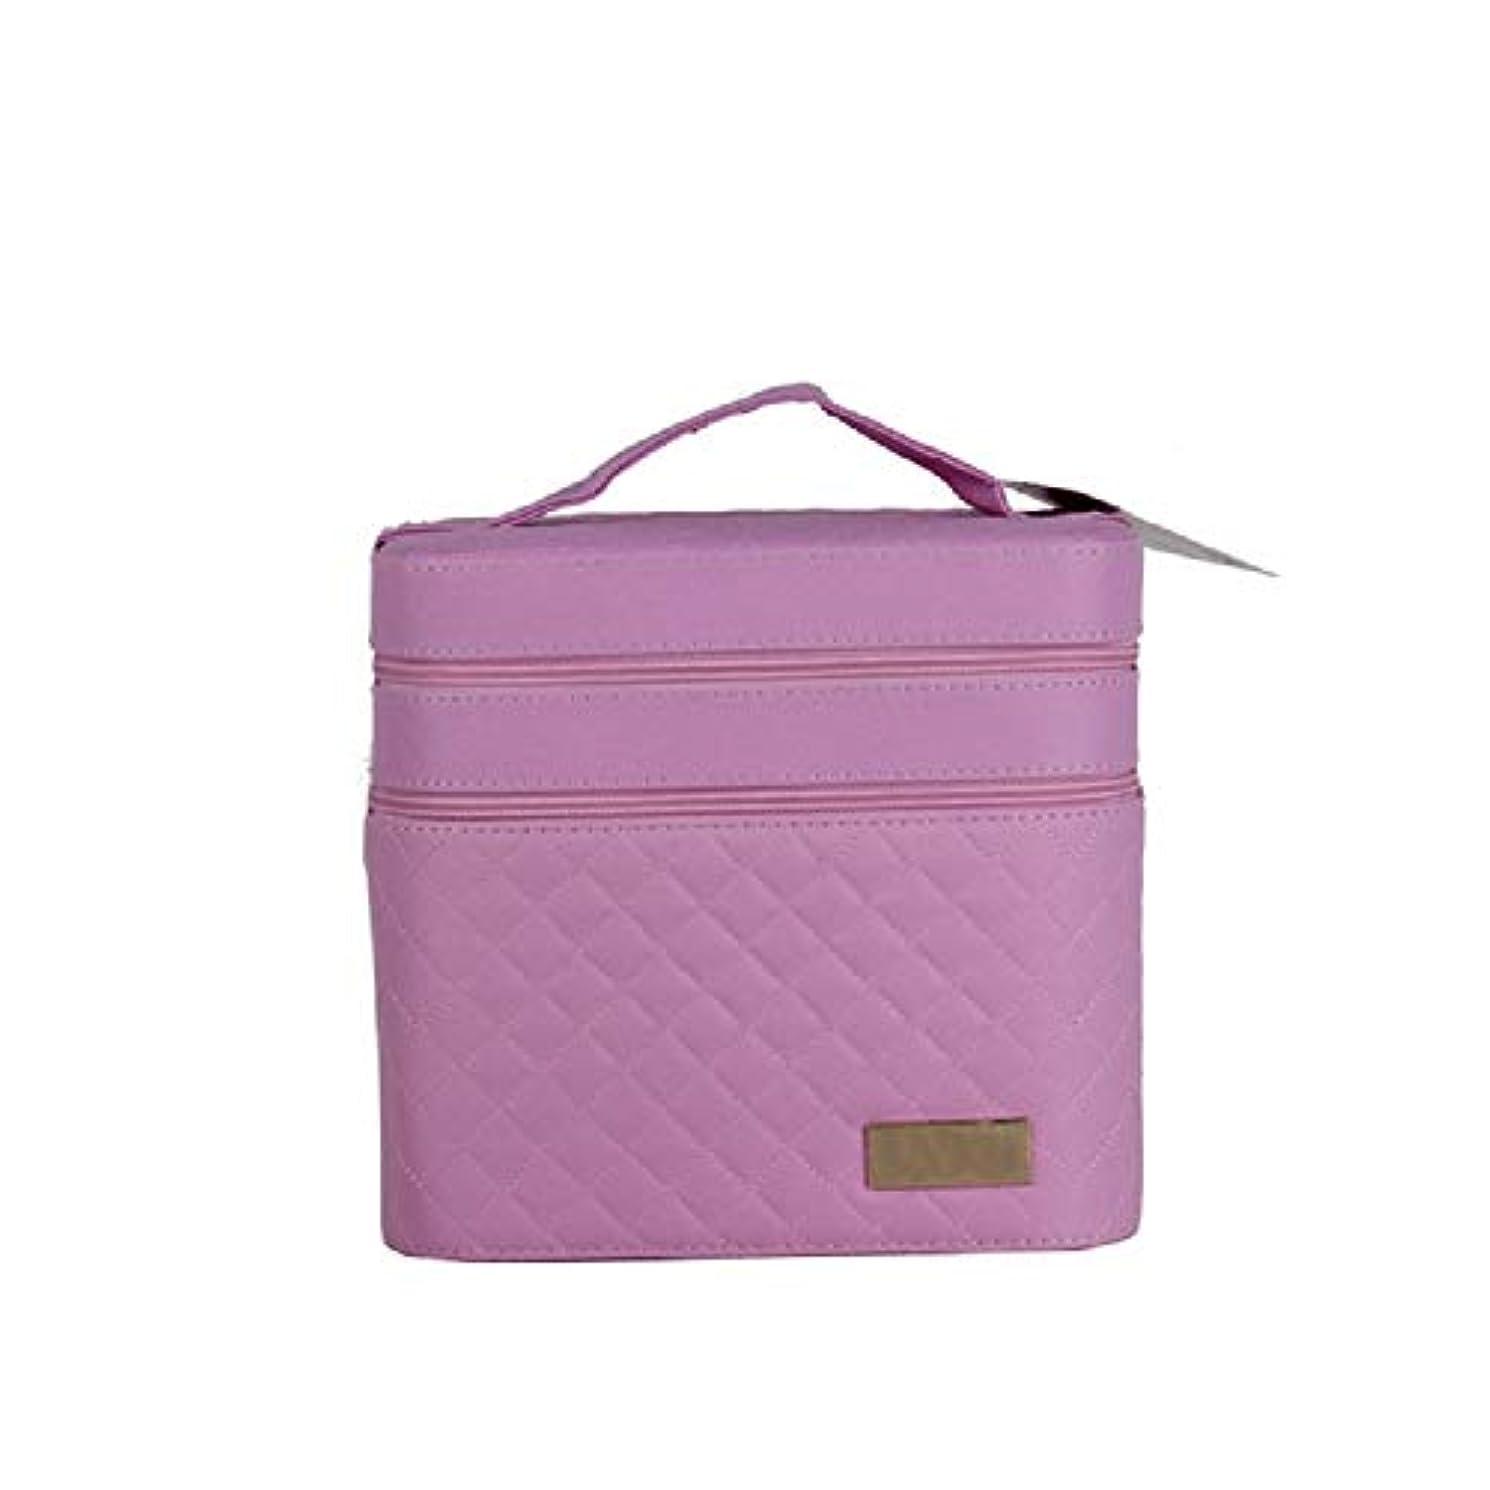 肺半ば付属品化粧オーガナイザーバッグ ジッパーと化粧鏡で小さなものの種類の旅行のための美容メイクアップのためのピンクのポータブル化粧品バッグ 化粧品ケース